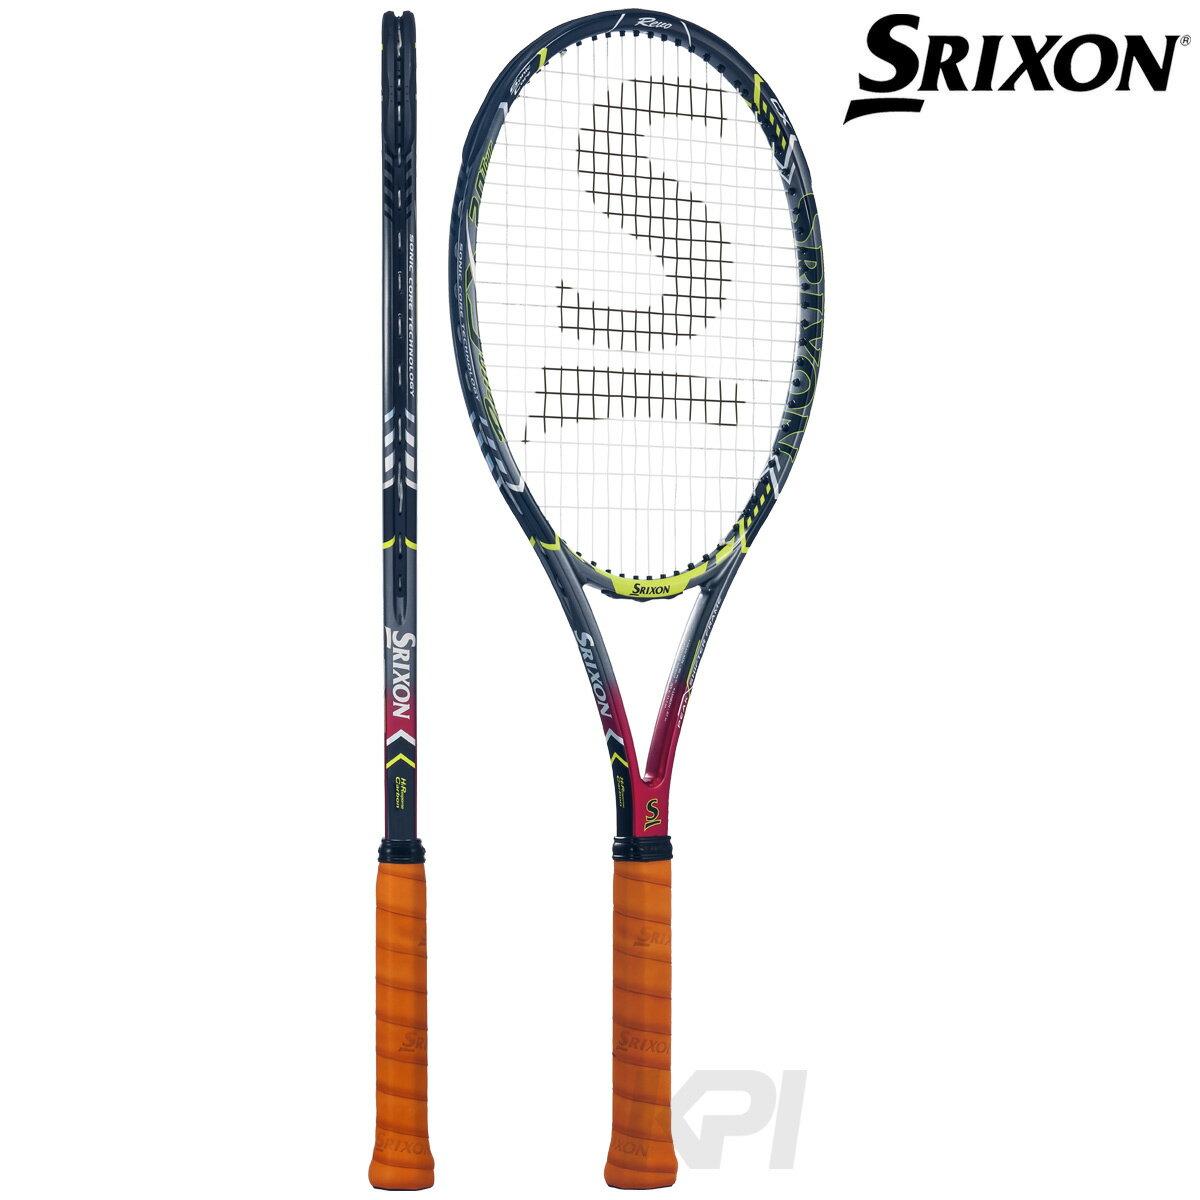 【ボールプレゼント対象】「2017新製品」SRIXON(スリクソン)「SRIXON REVO CX 2.0 TOUR 18x20(スリクソン レヴォ CX 2.0 ツアー) SR21701」硬式テニスラケット (スマートテニスセンサー対応)